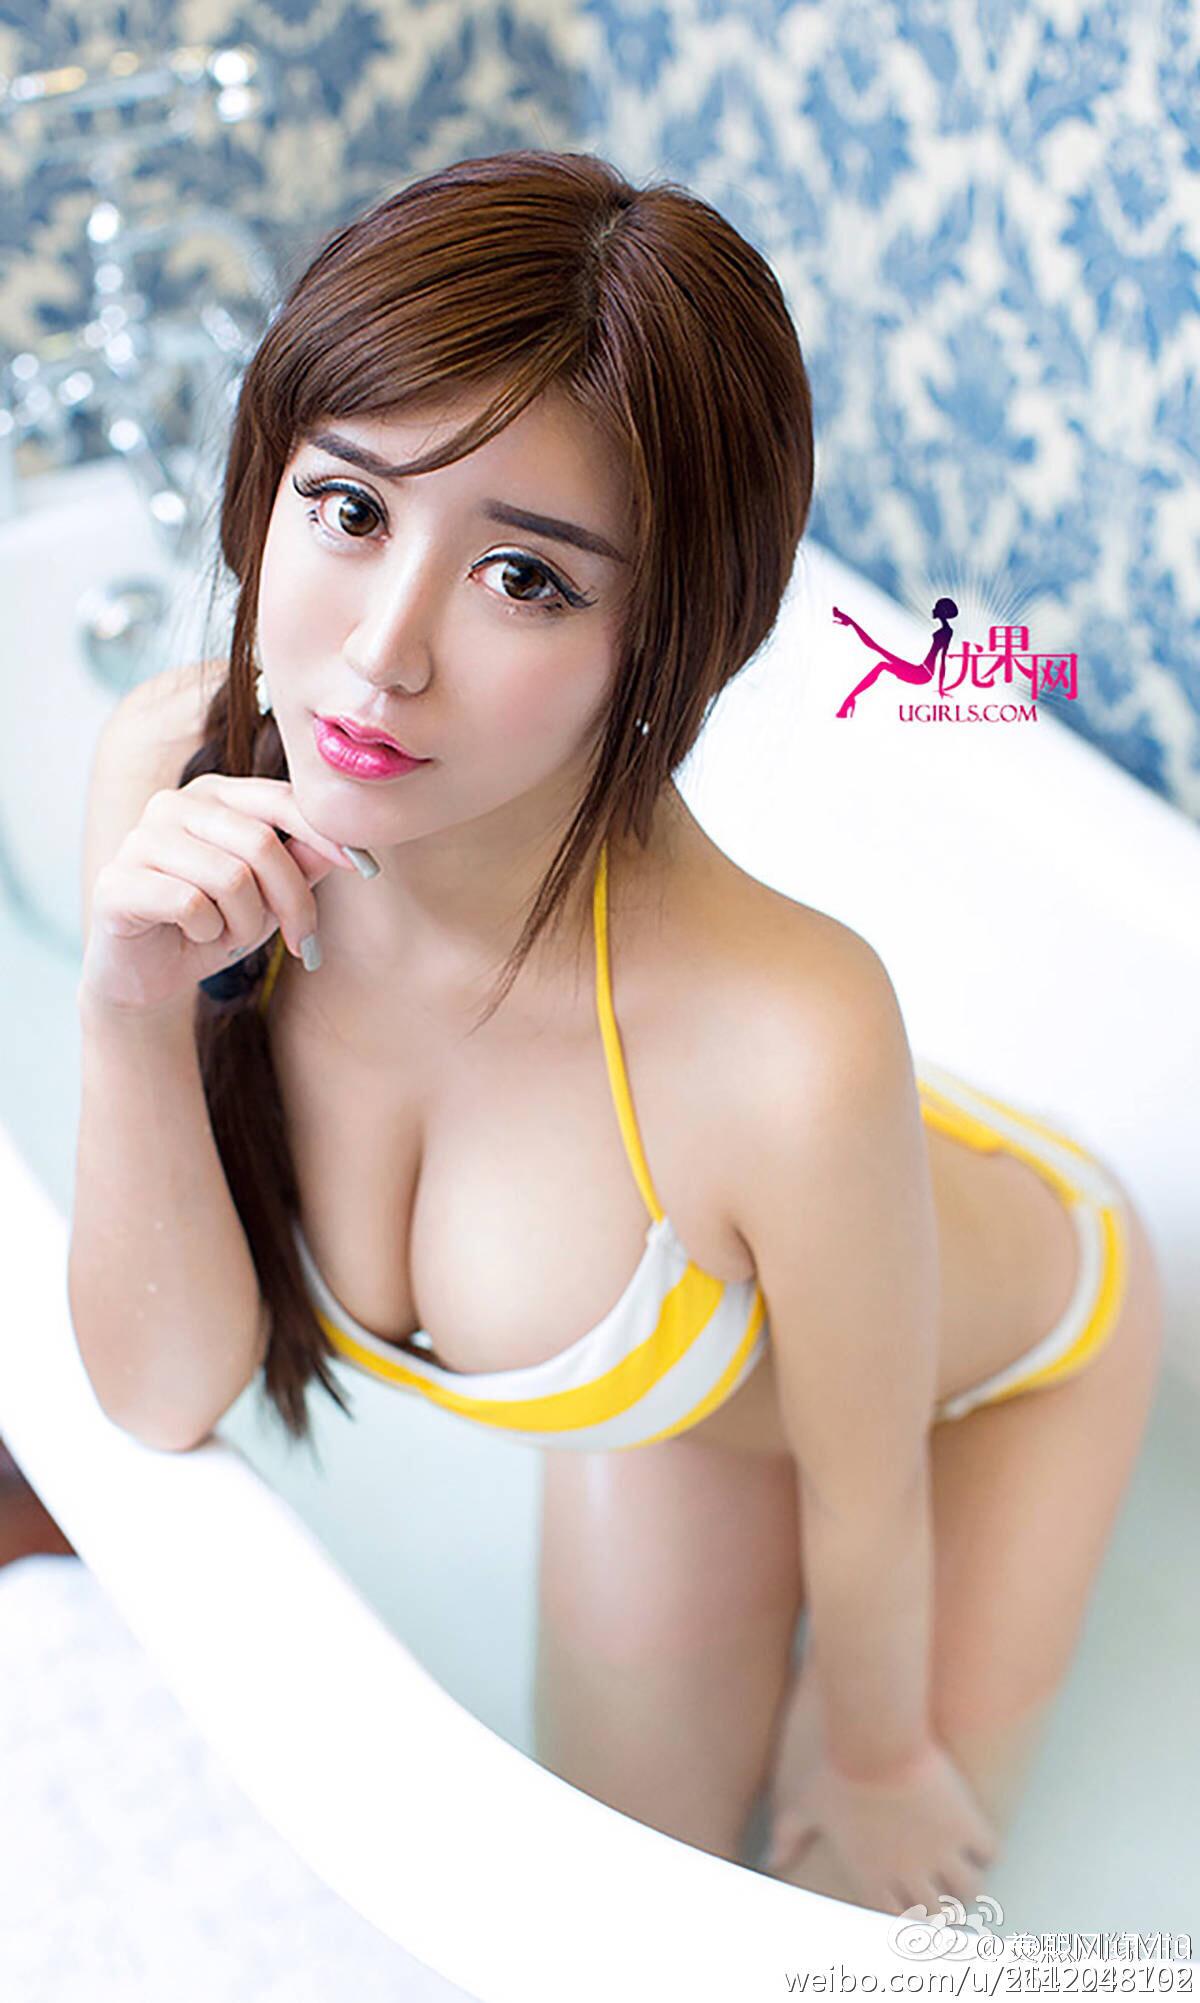 羙熙MiuMiu描眉画眼等春来  姹紫嫣红牡丹开 _美女福利图片